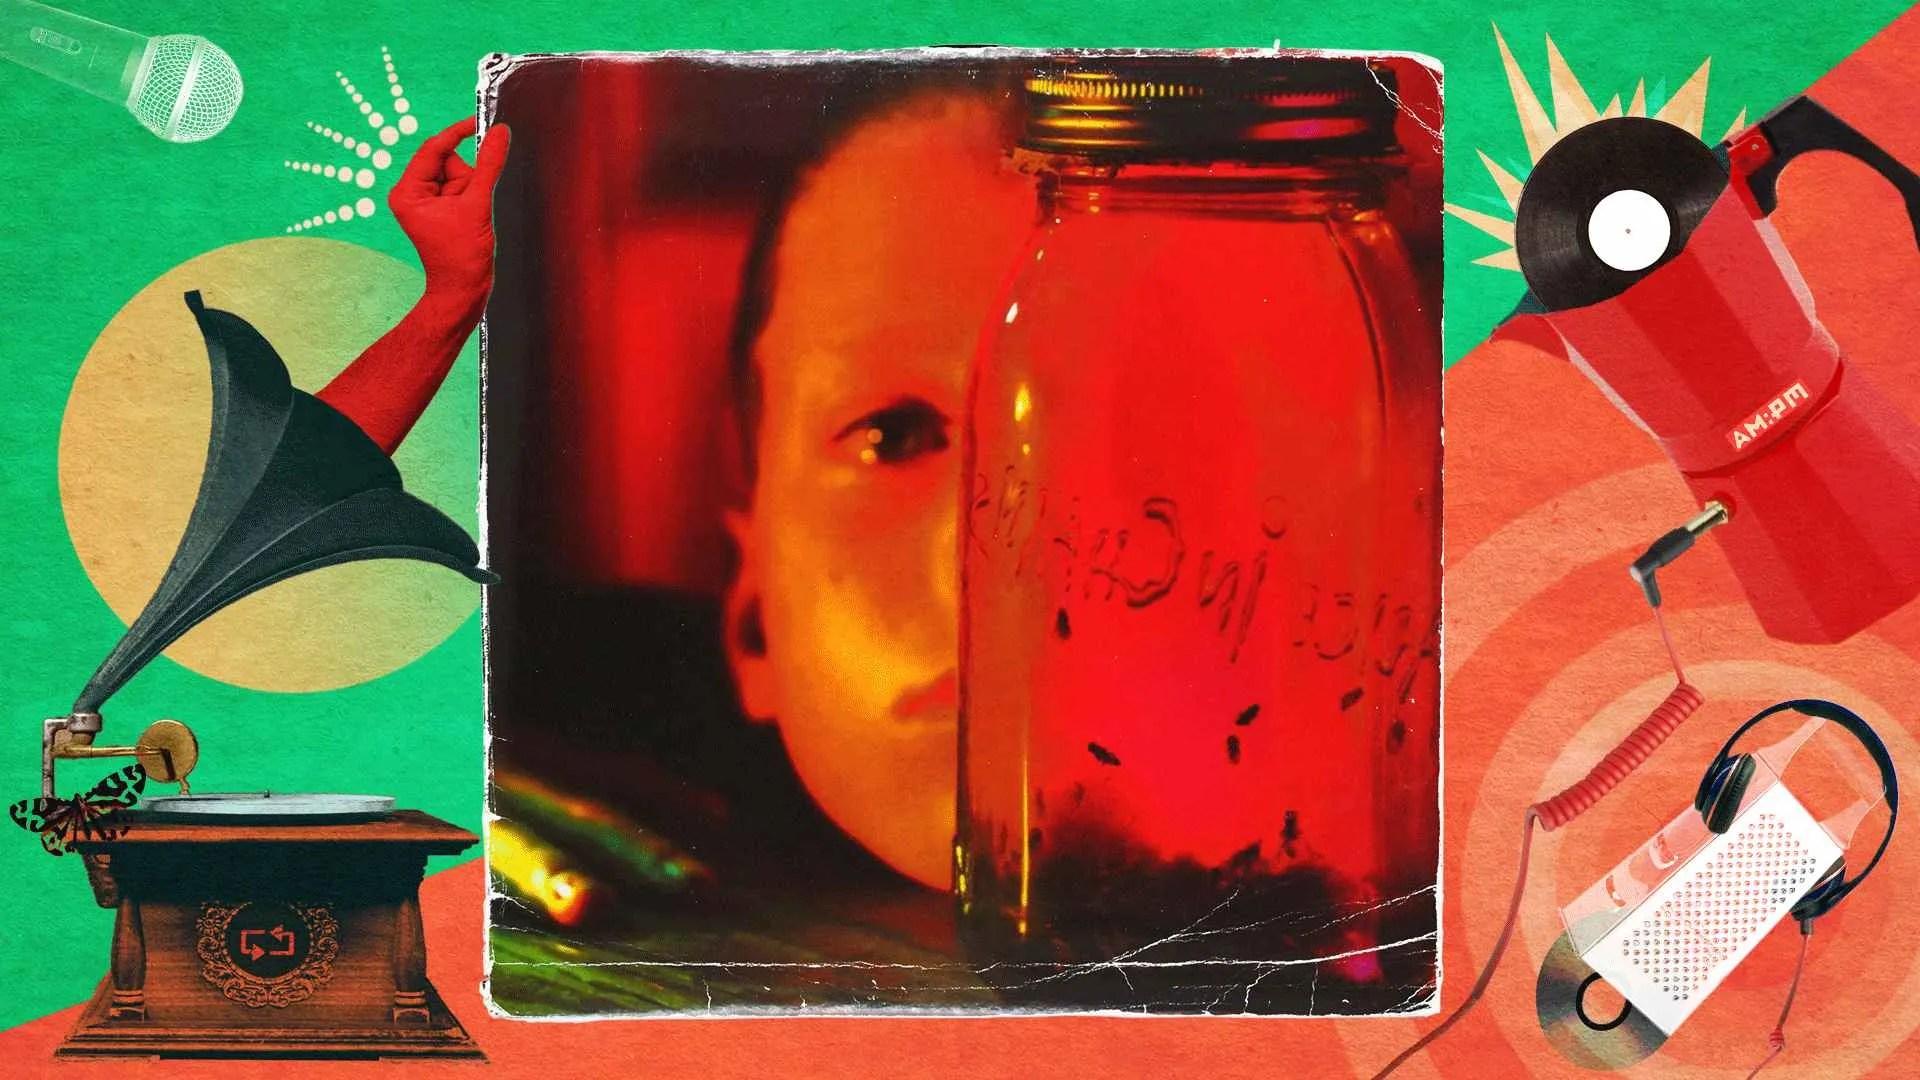 Diseño: Jennifer Ancizar, a partir de la portada del álbum Jar ofl flies.